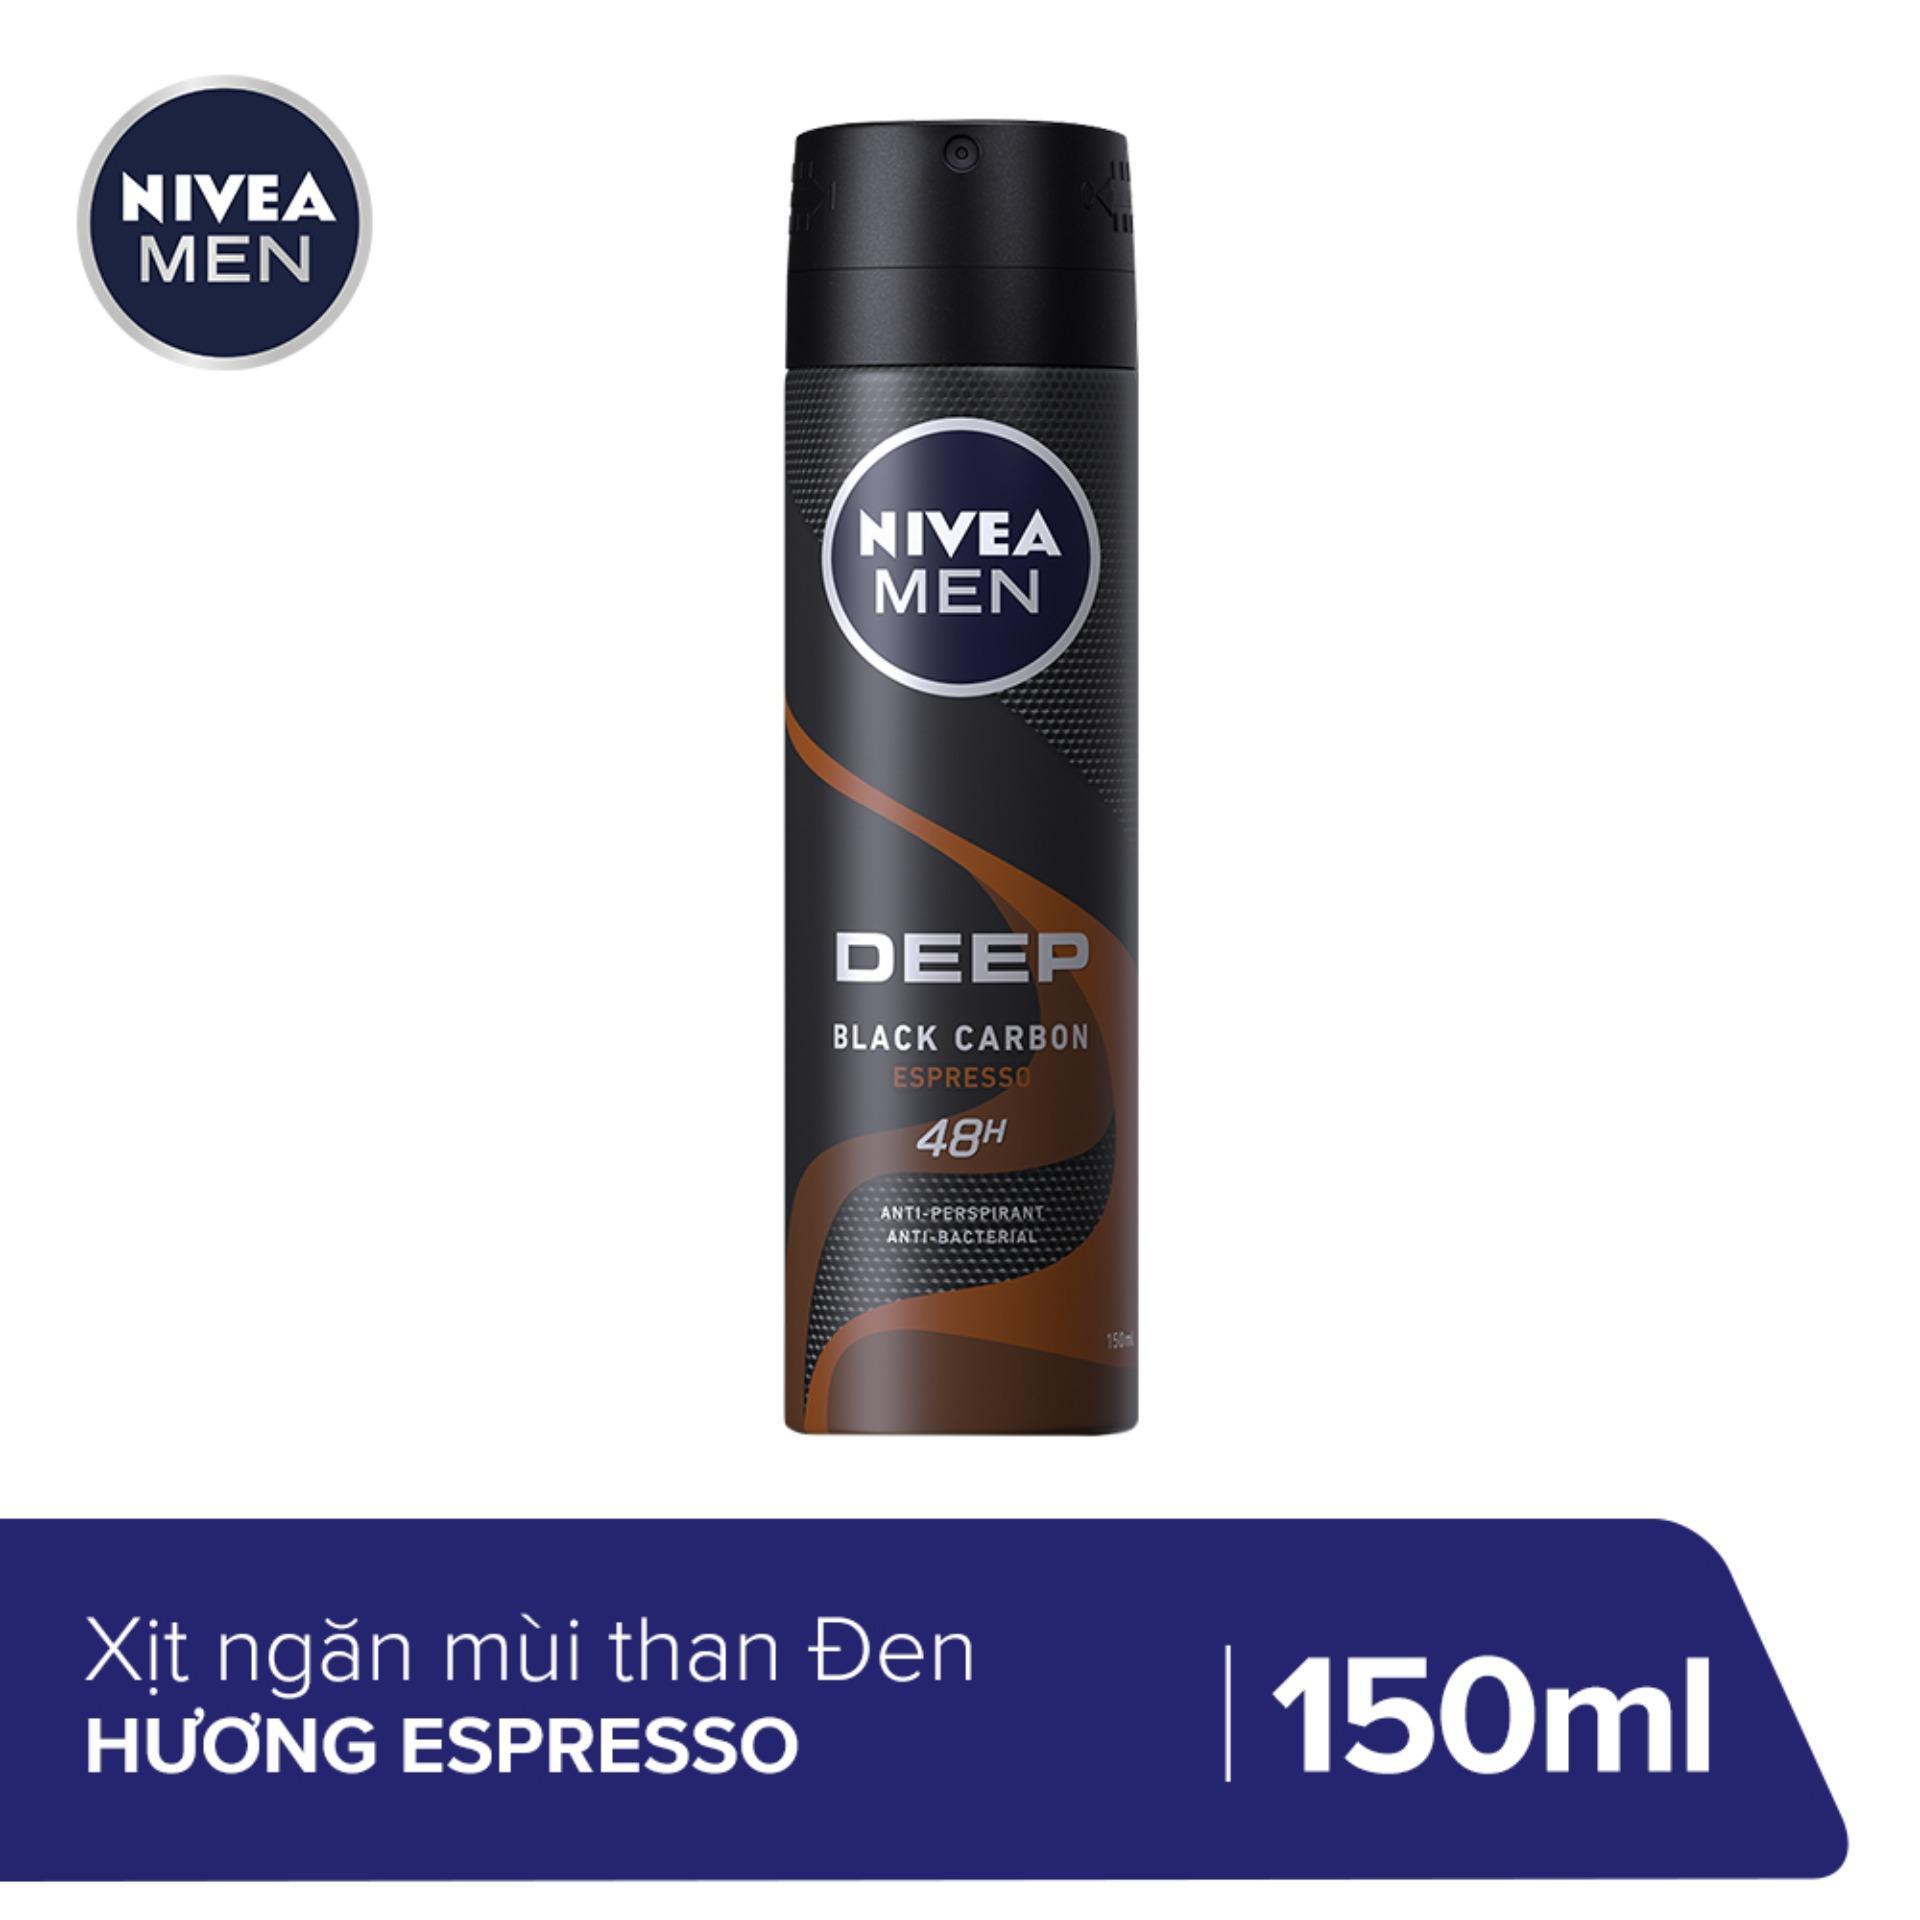 Xịt ngăn mùi Nivea Than Đen Hương Espresso 150ML - 85367 cao cấp